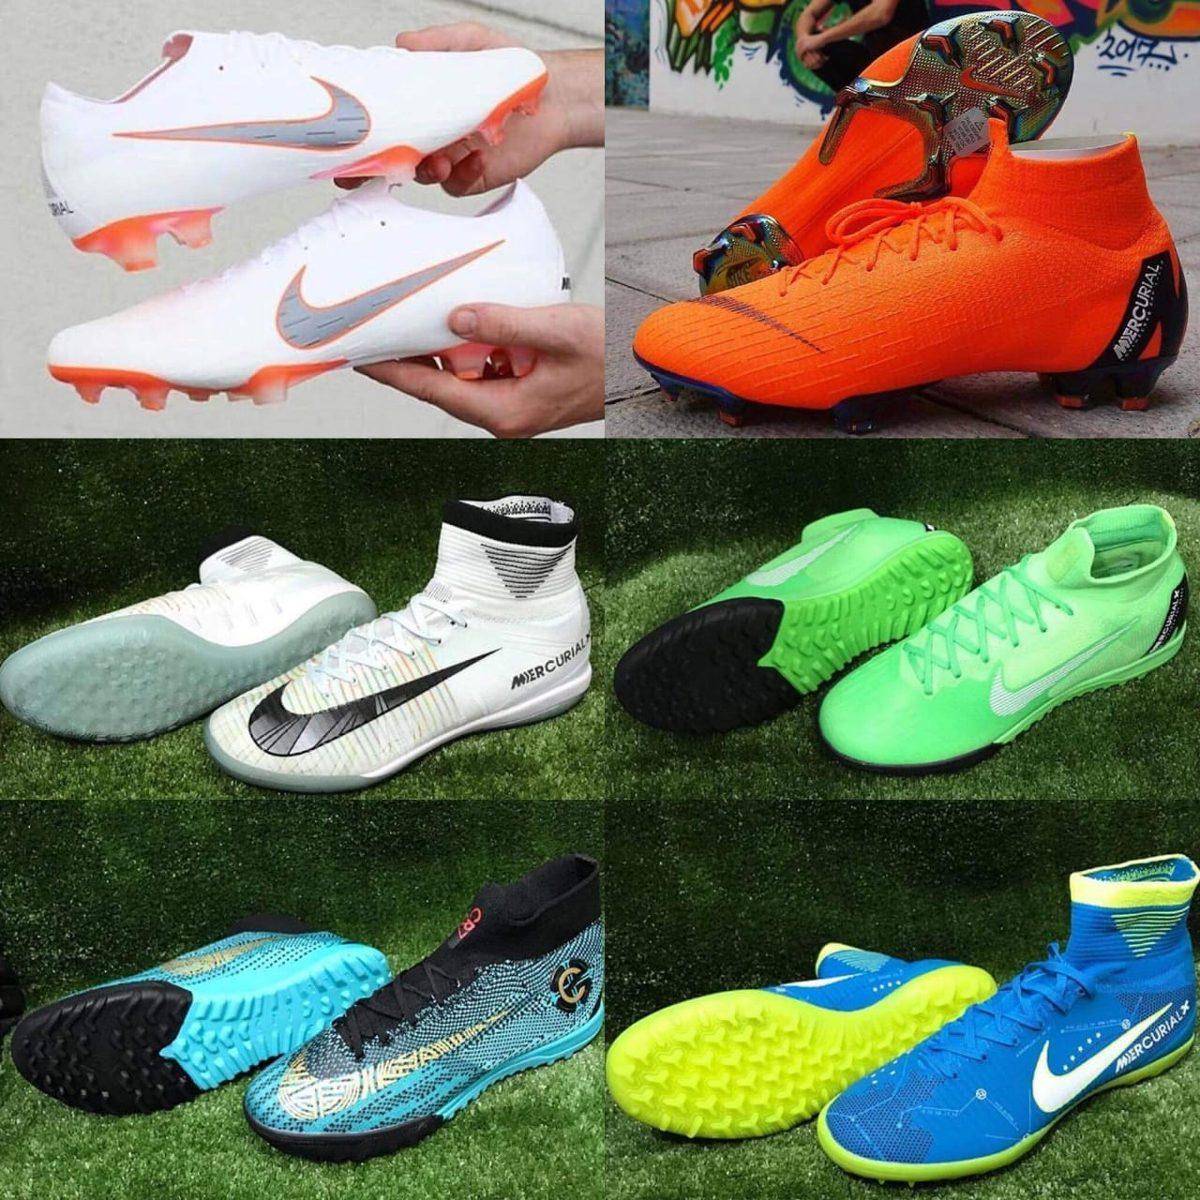 Adidasnike De U 99 Pupos Y Futbol 89 s Zapatos En Pupillos pfx1Ewpq